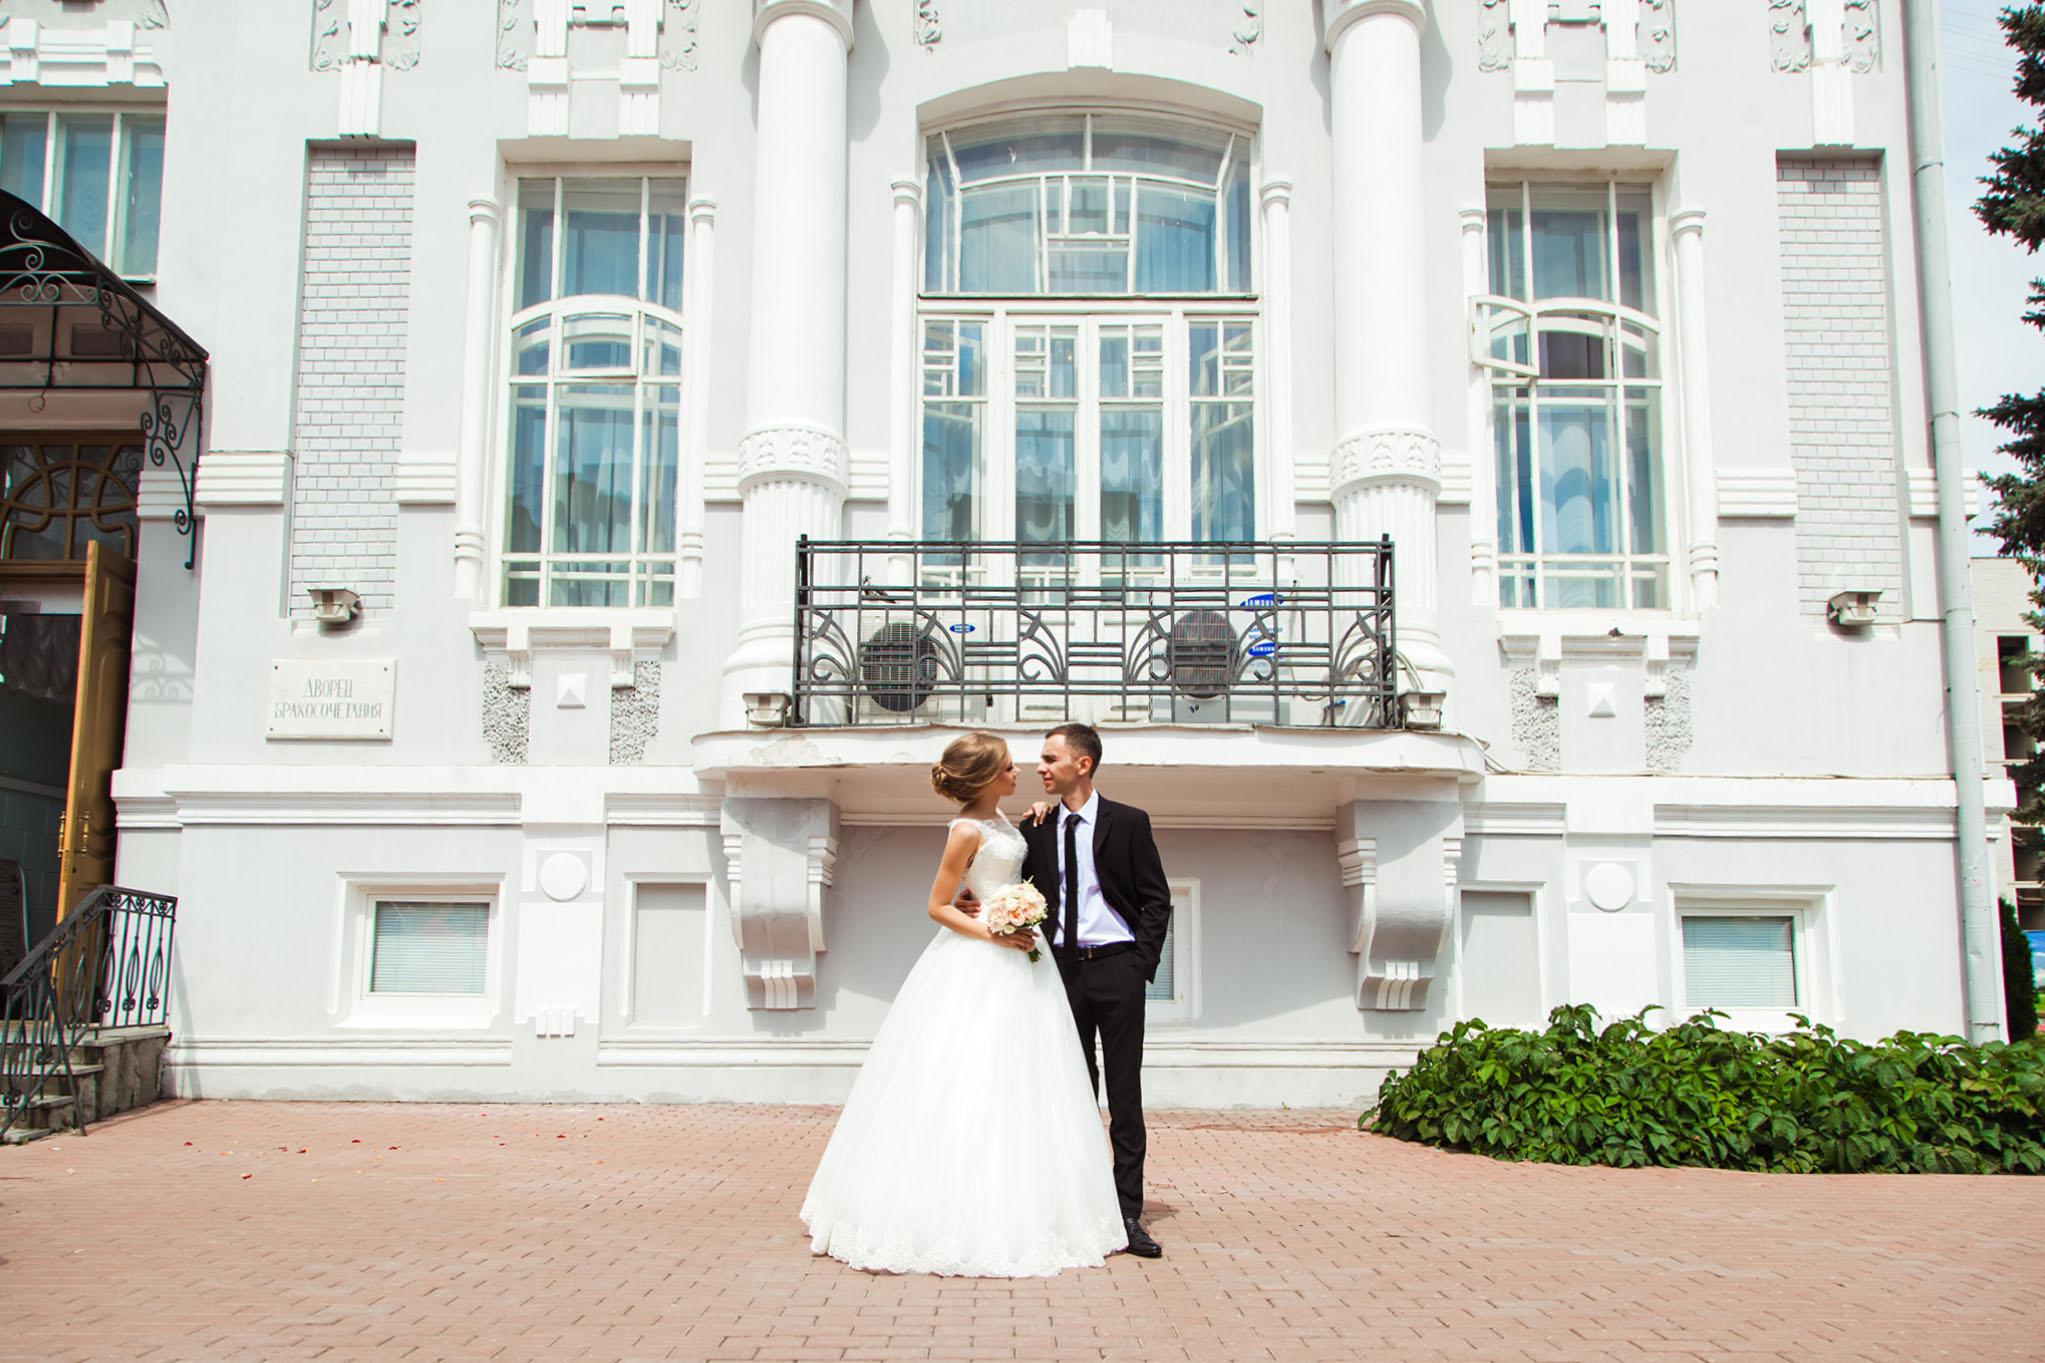 Дворец бракосочетания на Интернациональной